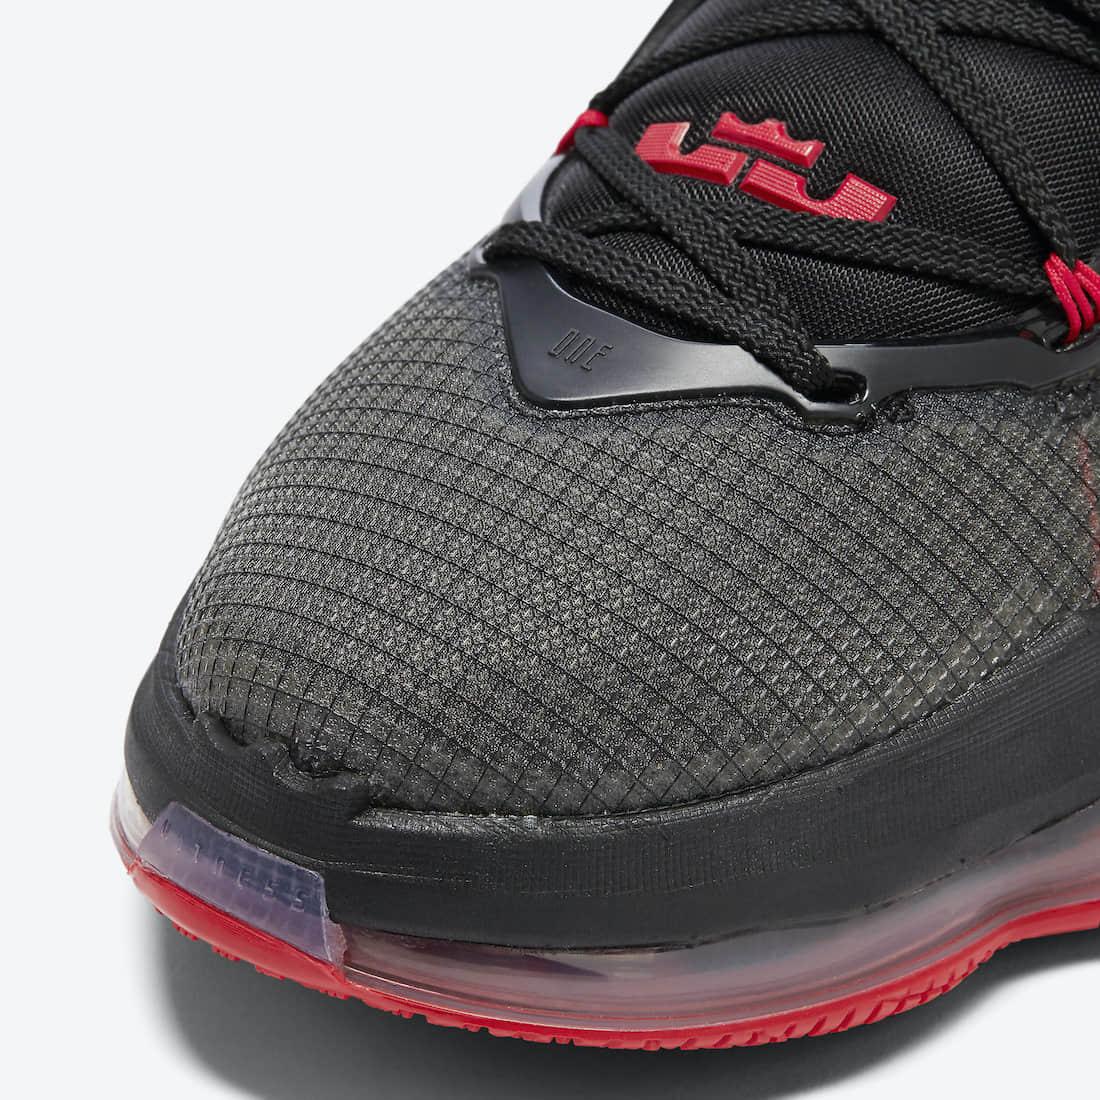 詹姆斯最新战靴!全新黑红 LeBron 19官图释出! 货号:DC9340-001